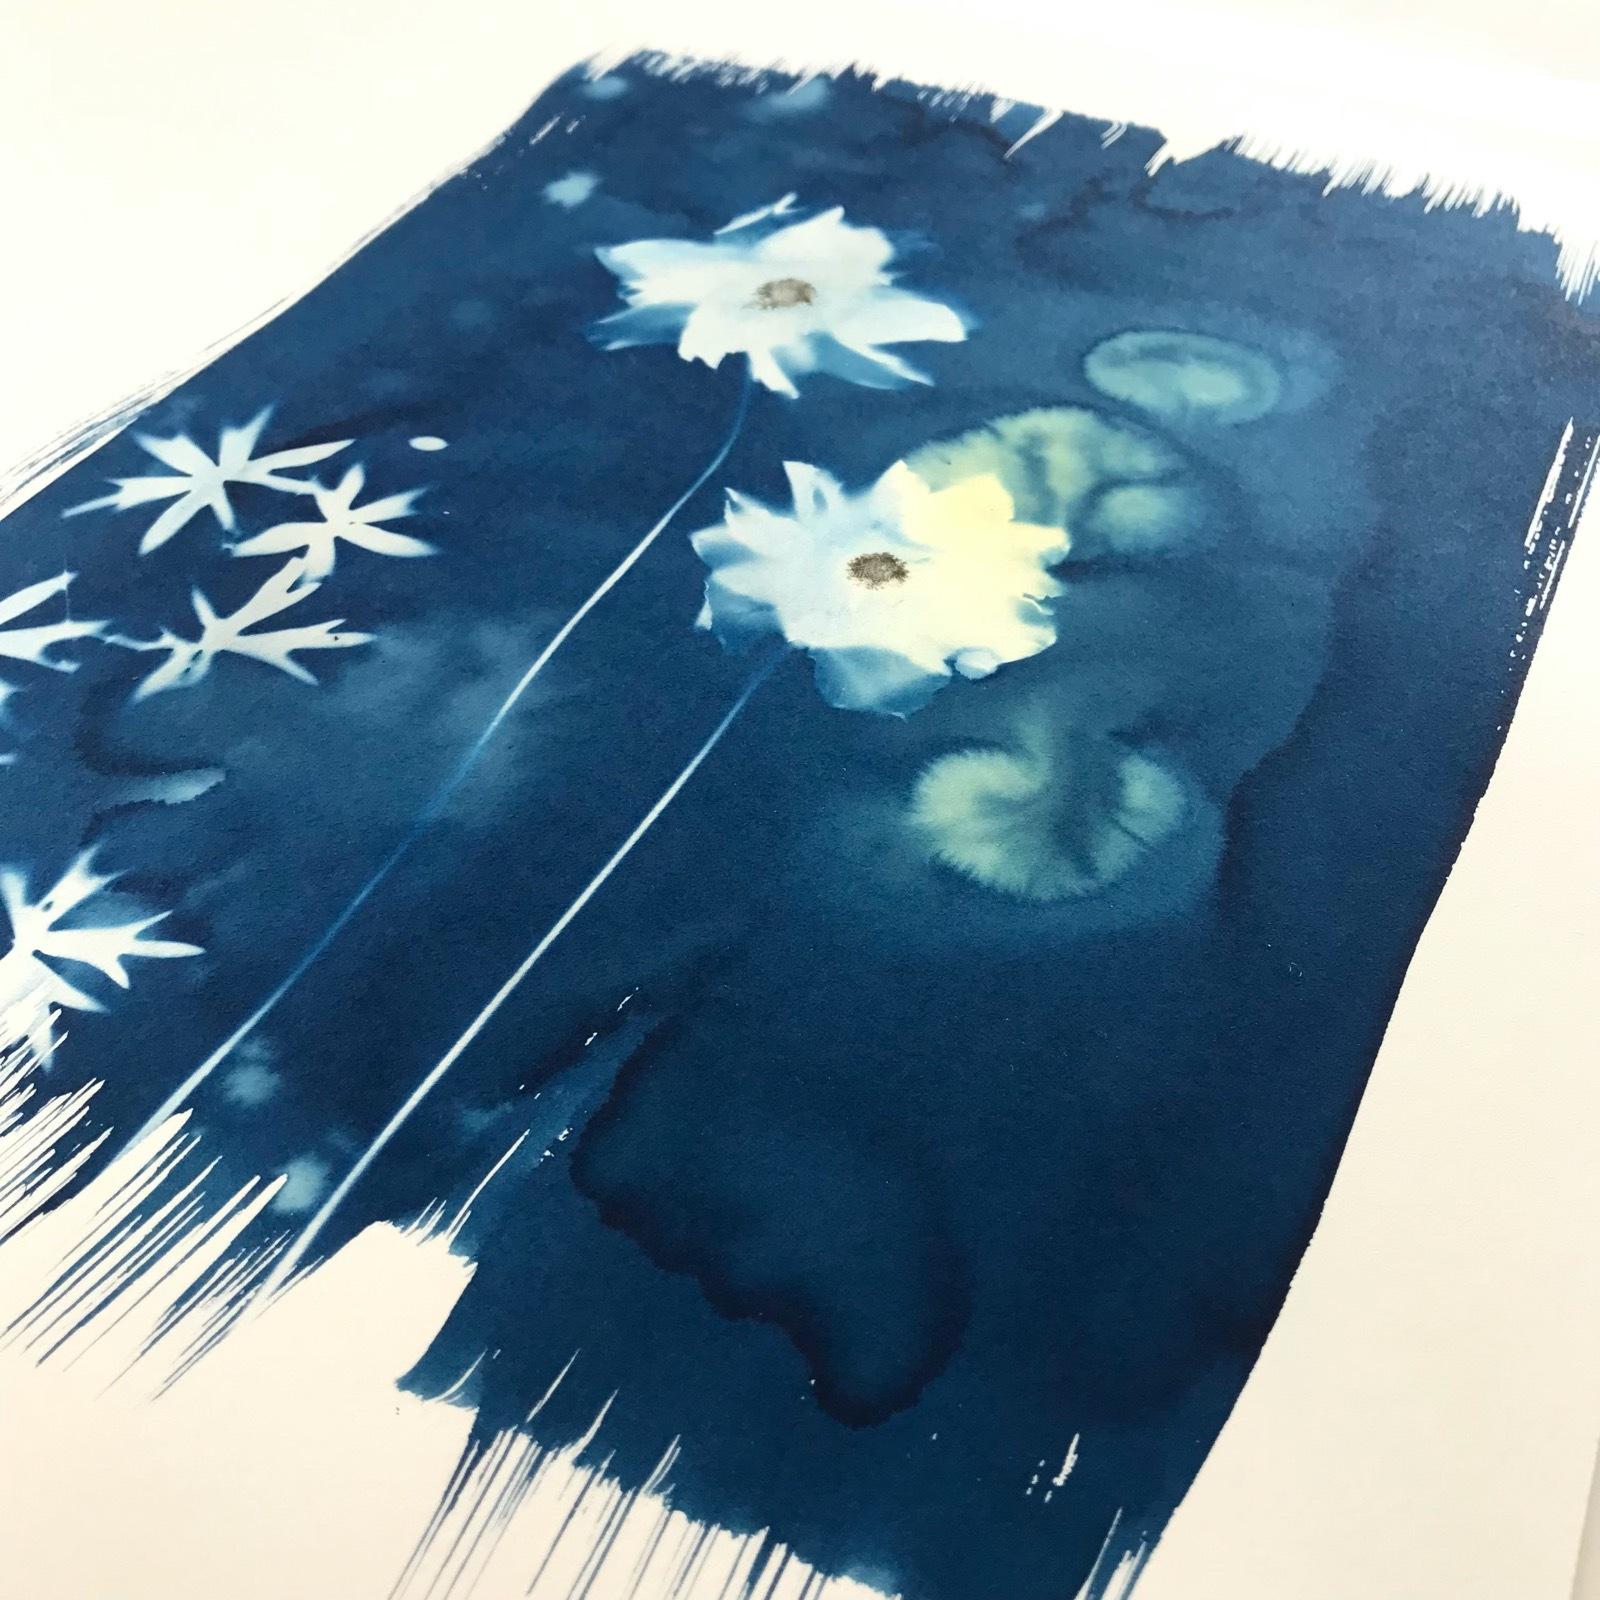 Cyanotype with anemones 18